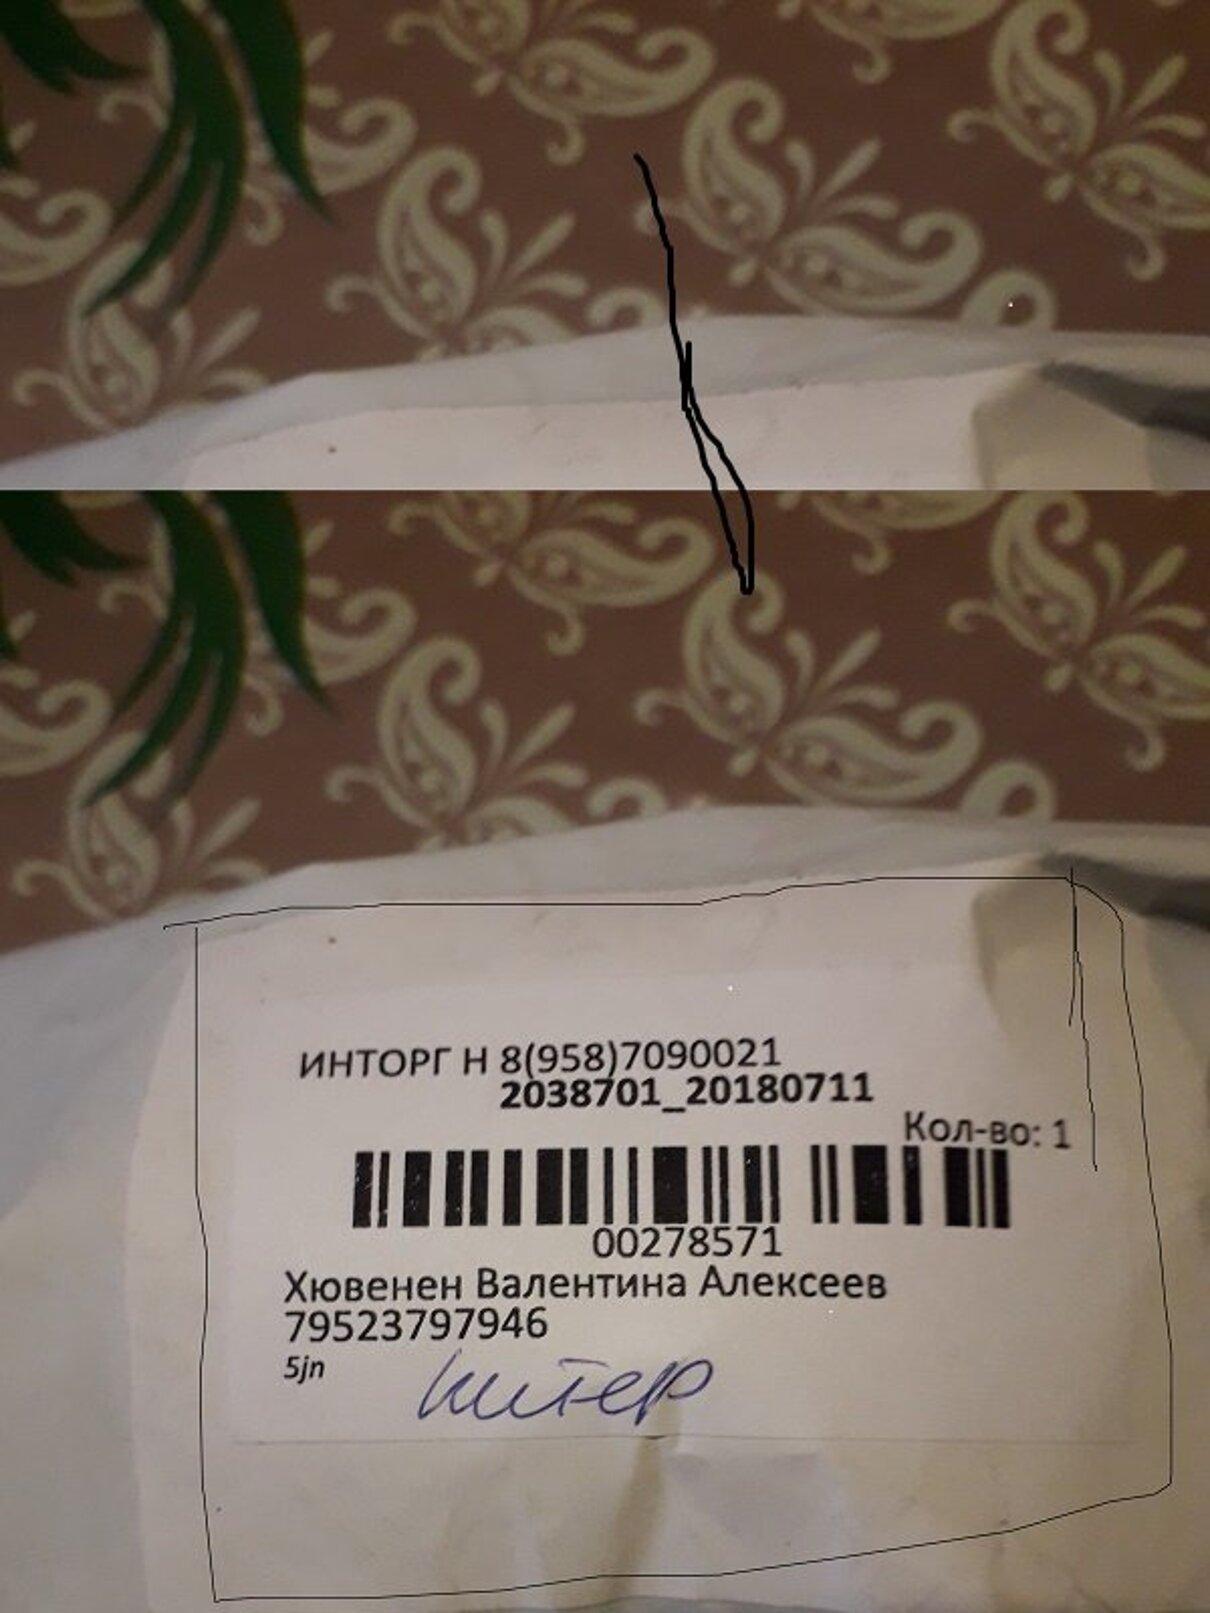 Жалоба-отзыв: ИНТОРГ Н 8(958)7090021 - Получение поддельной продукции вместо заказанной.  Фото №1